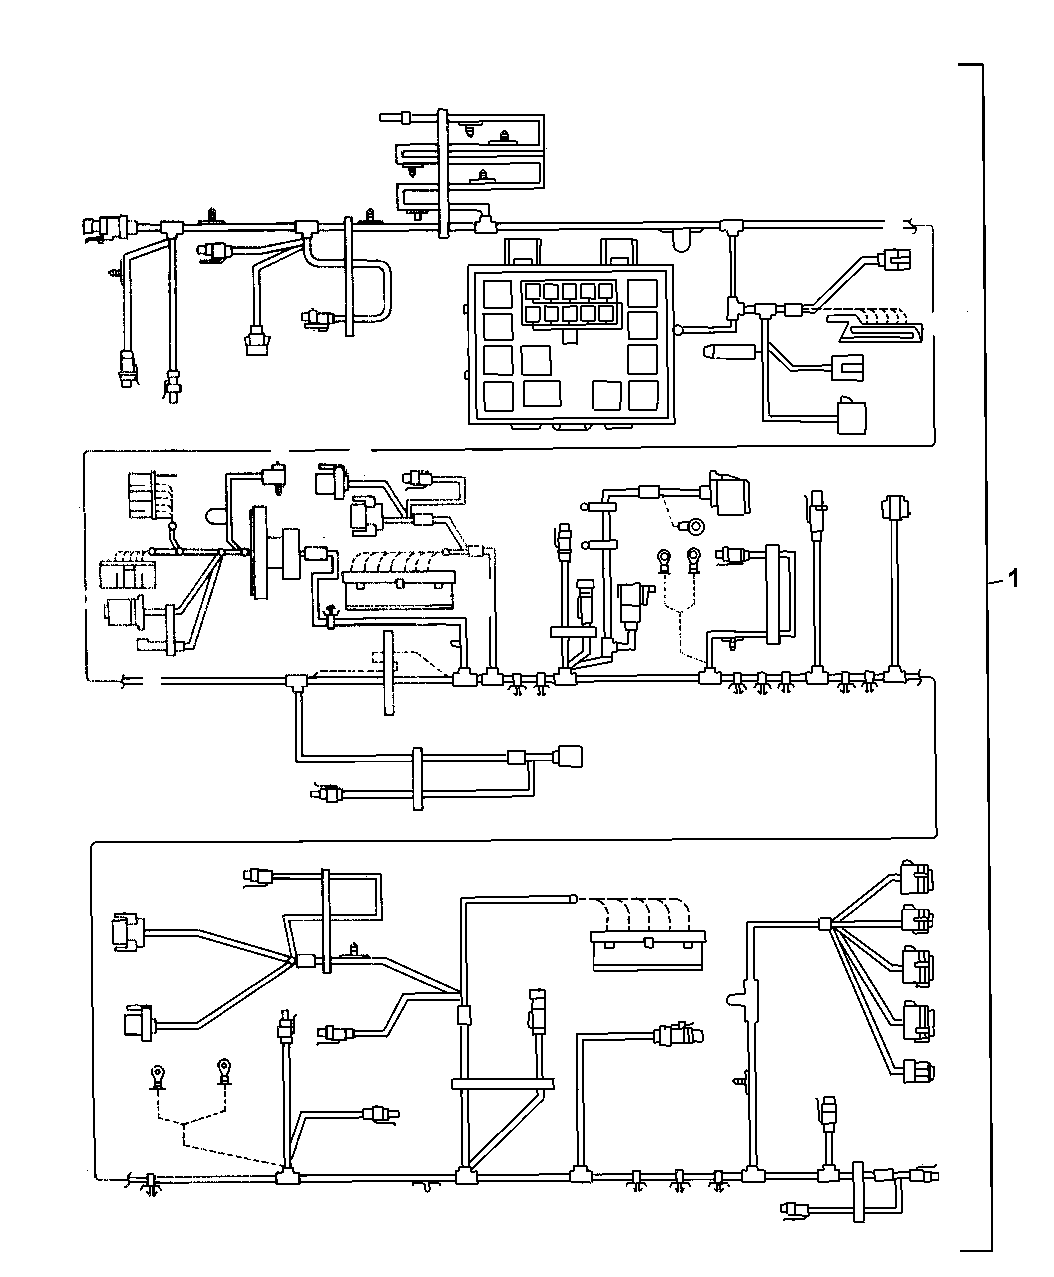 Wiring Diagram For 1999 Chrysler 300m